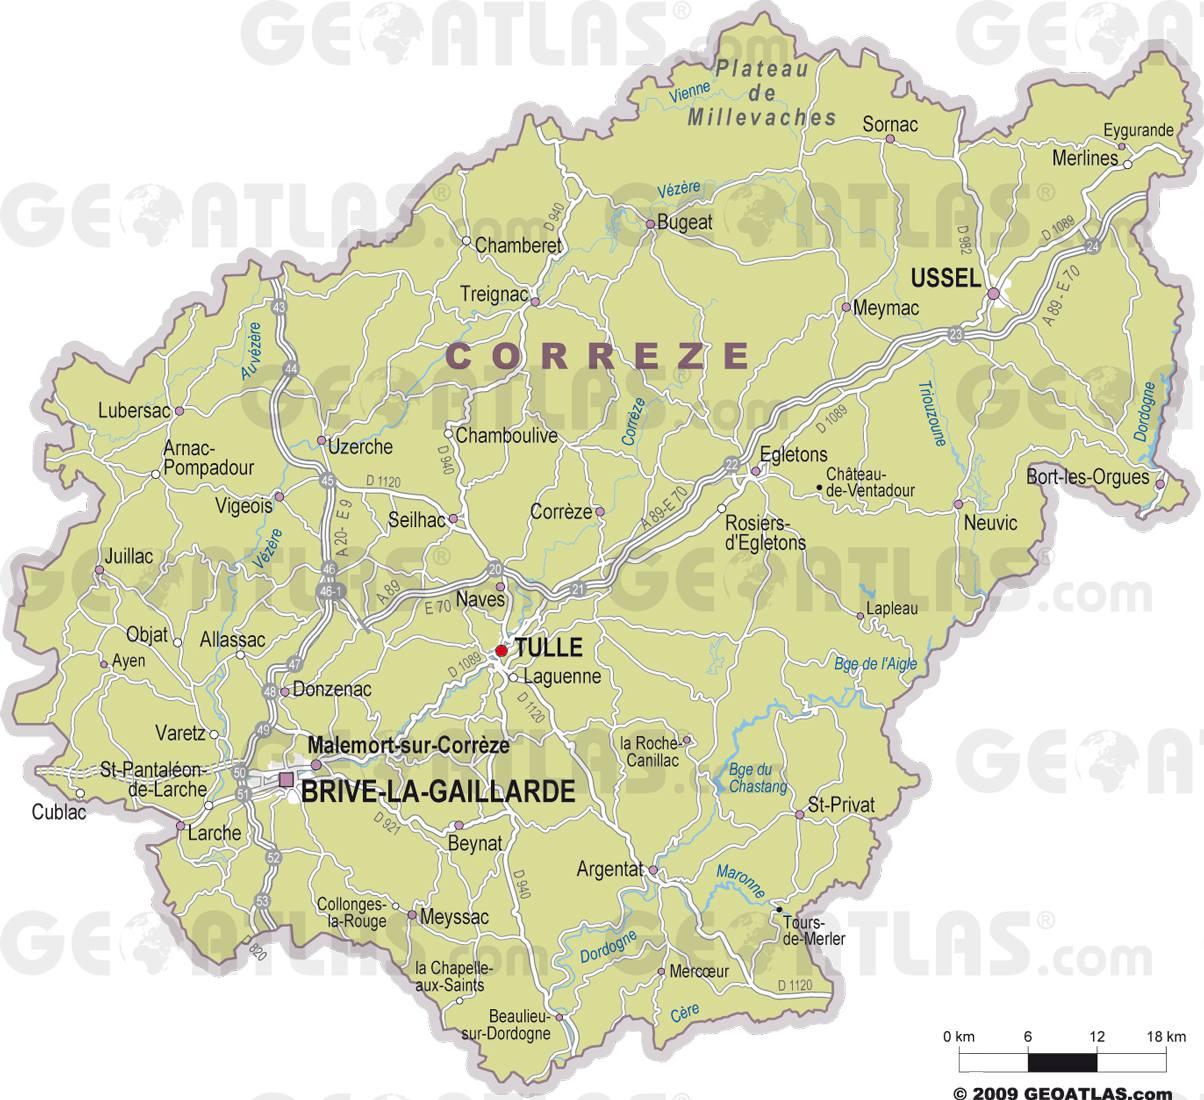 Carte des villes de la Corrèze